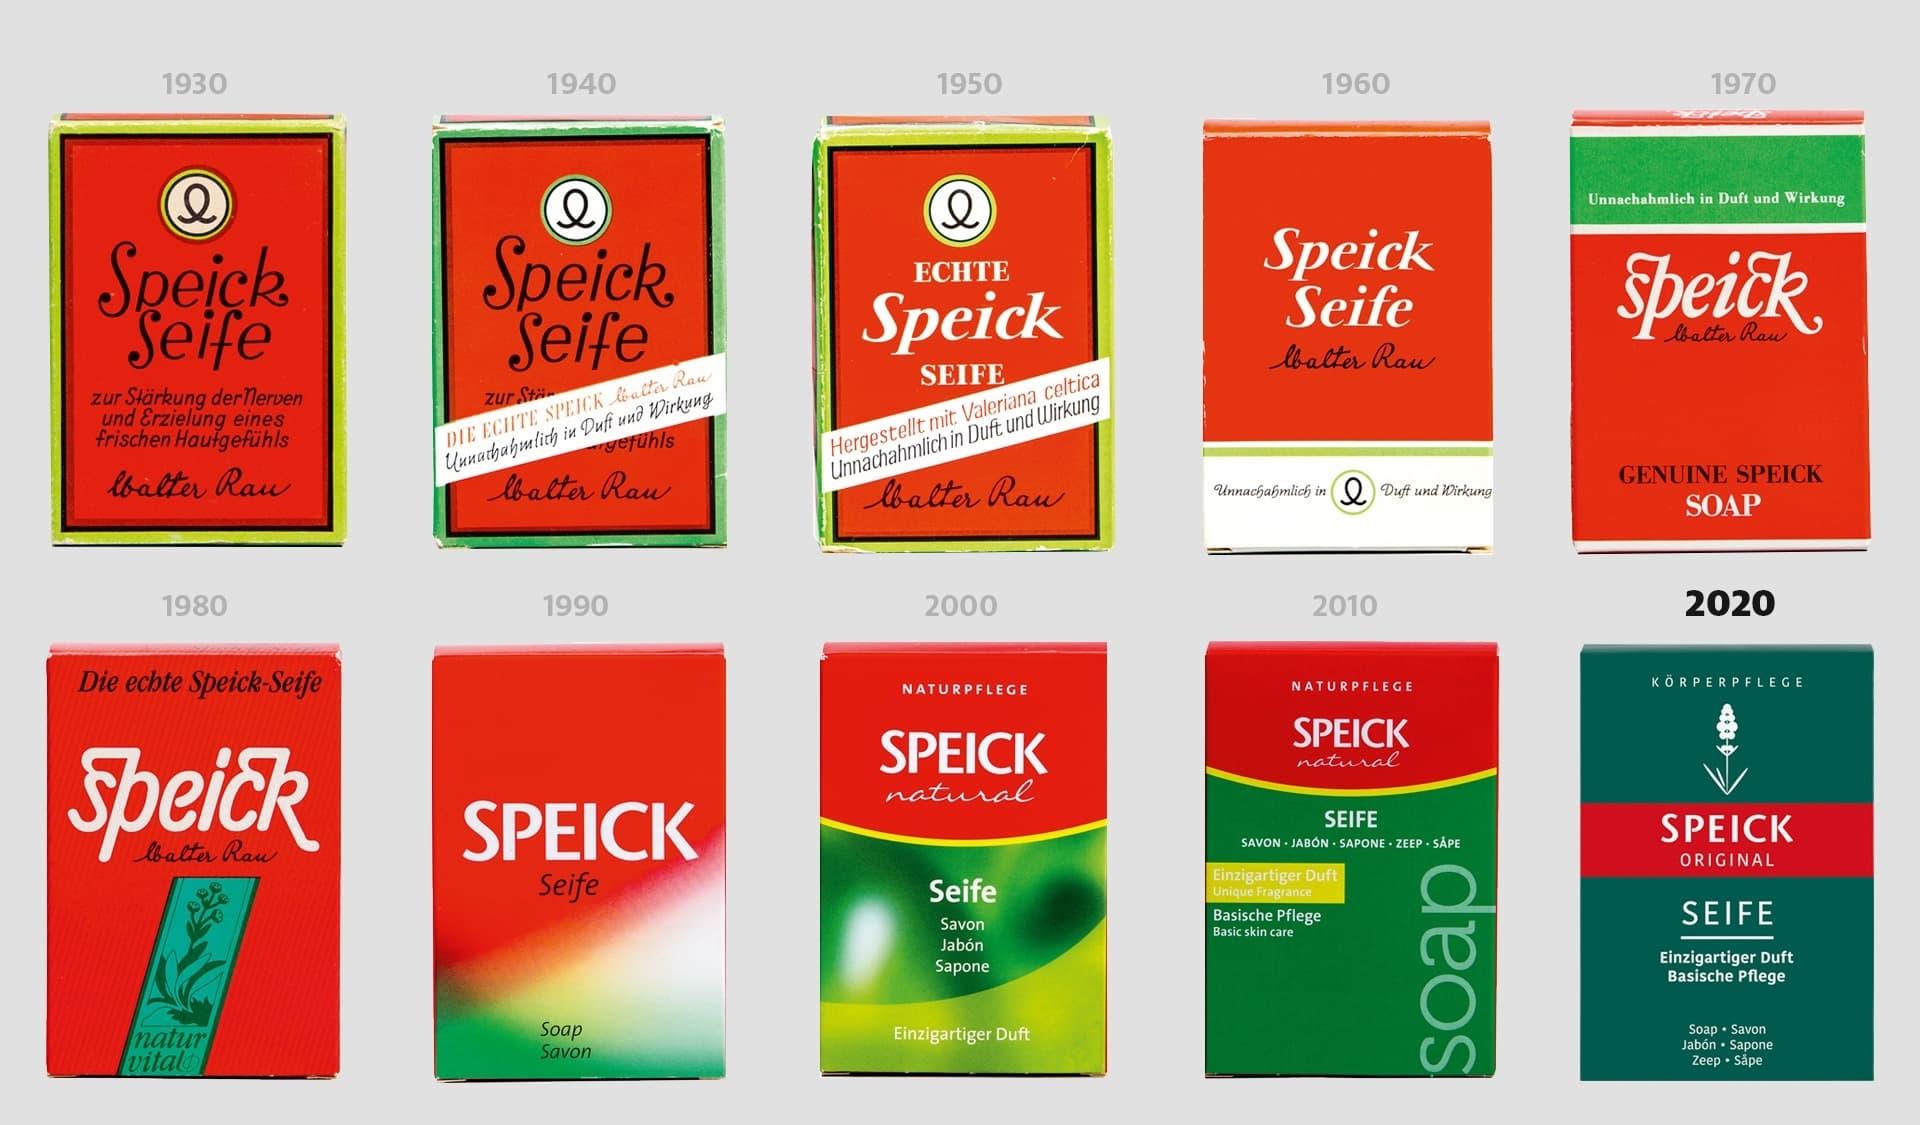 Speick-Seifenschachteln aus neun Jahrzenten